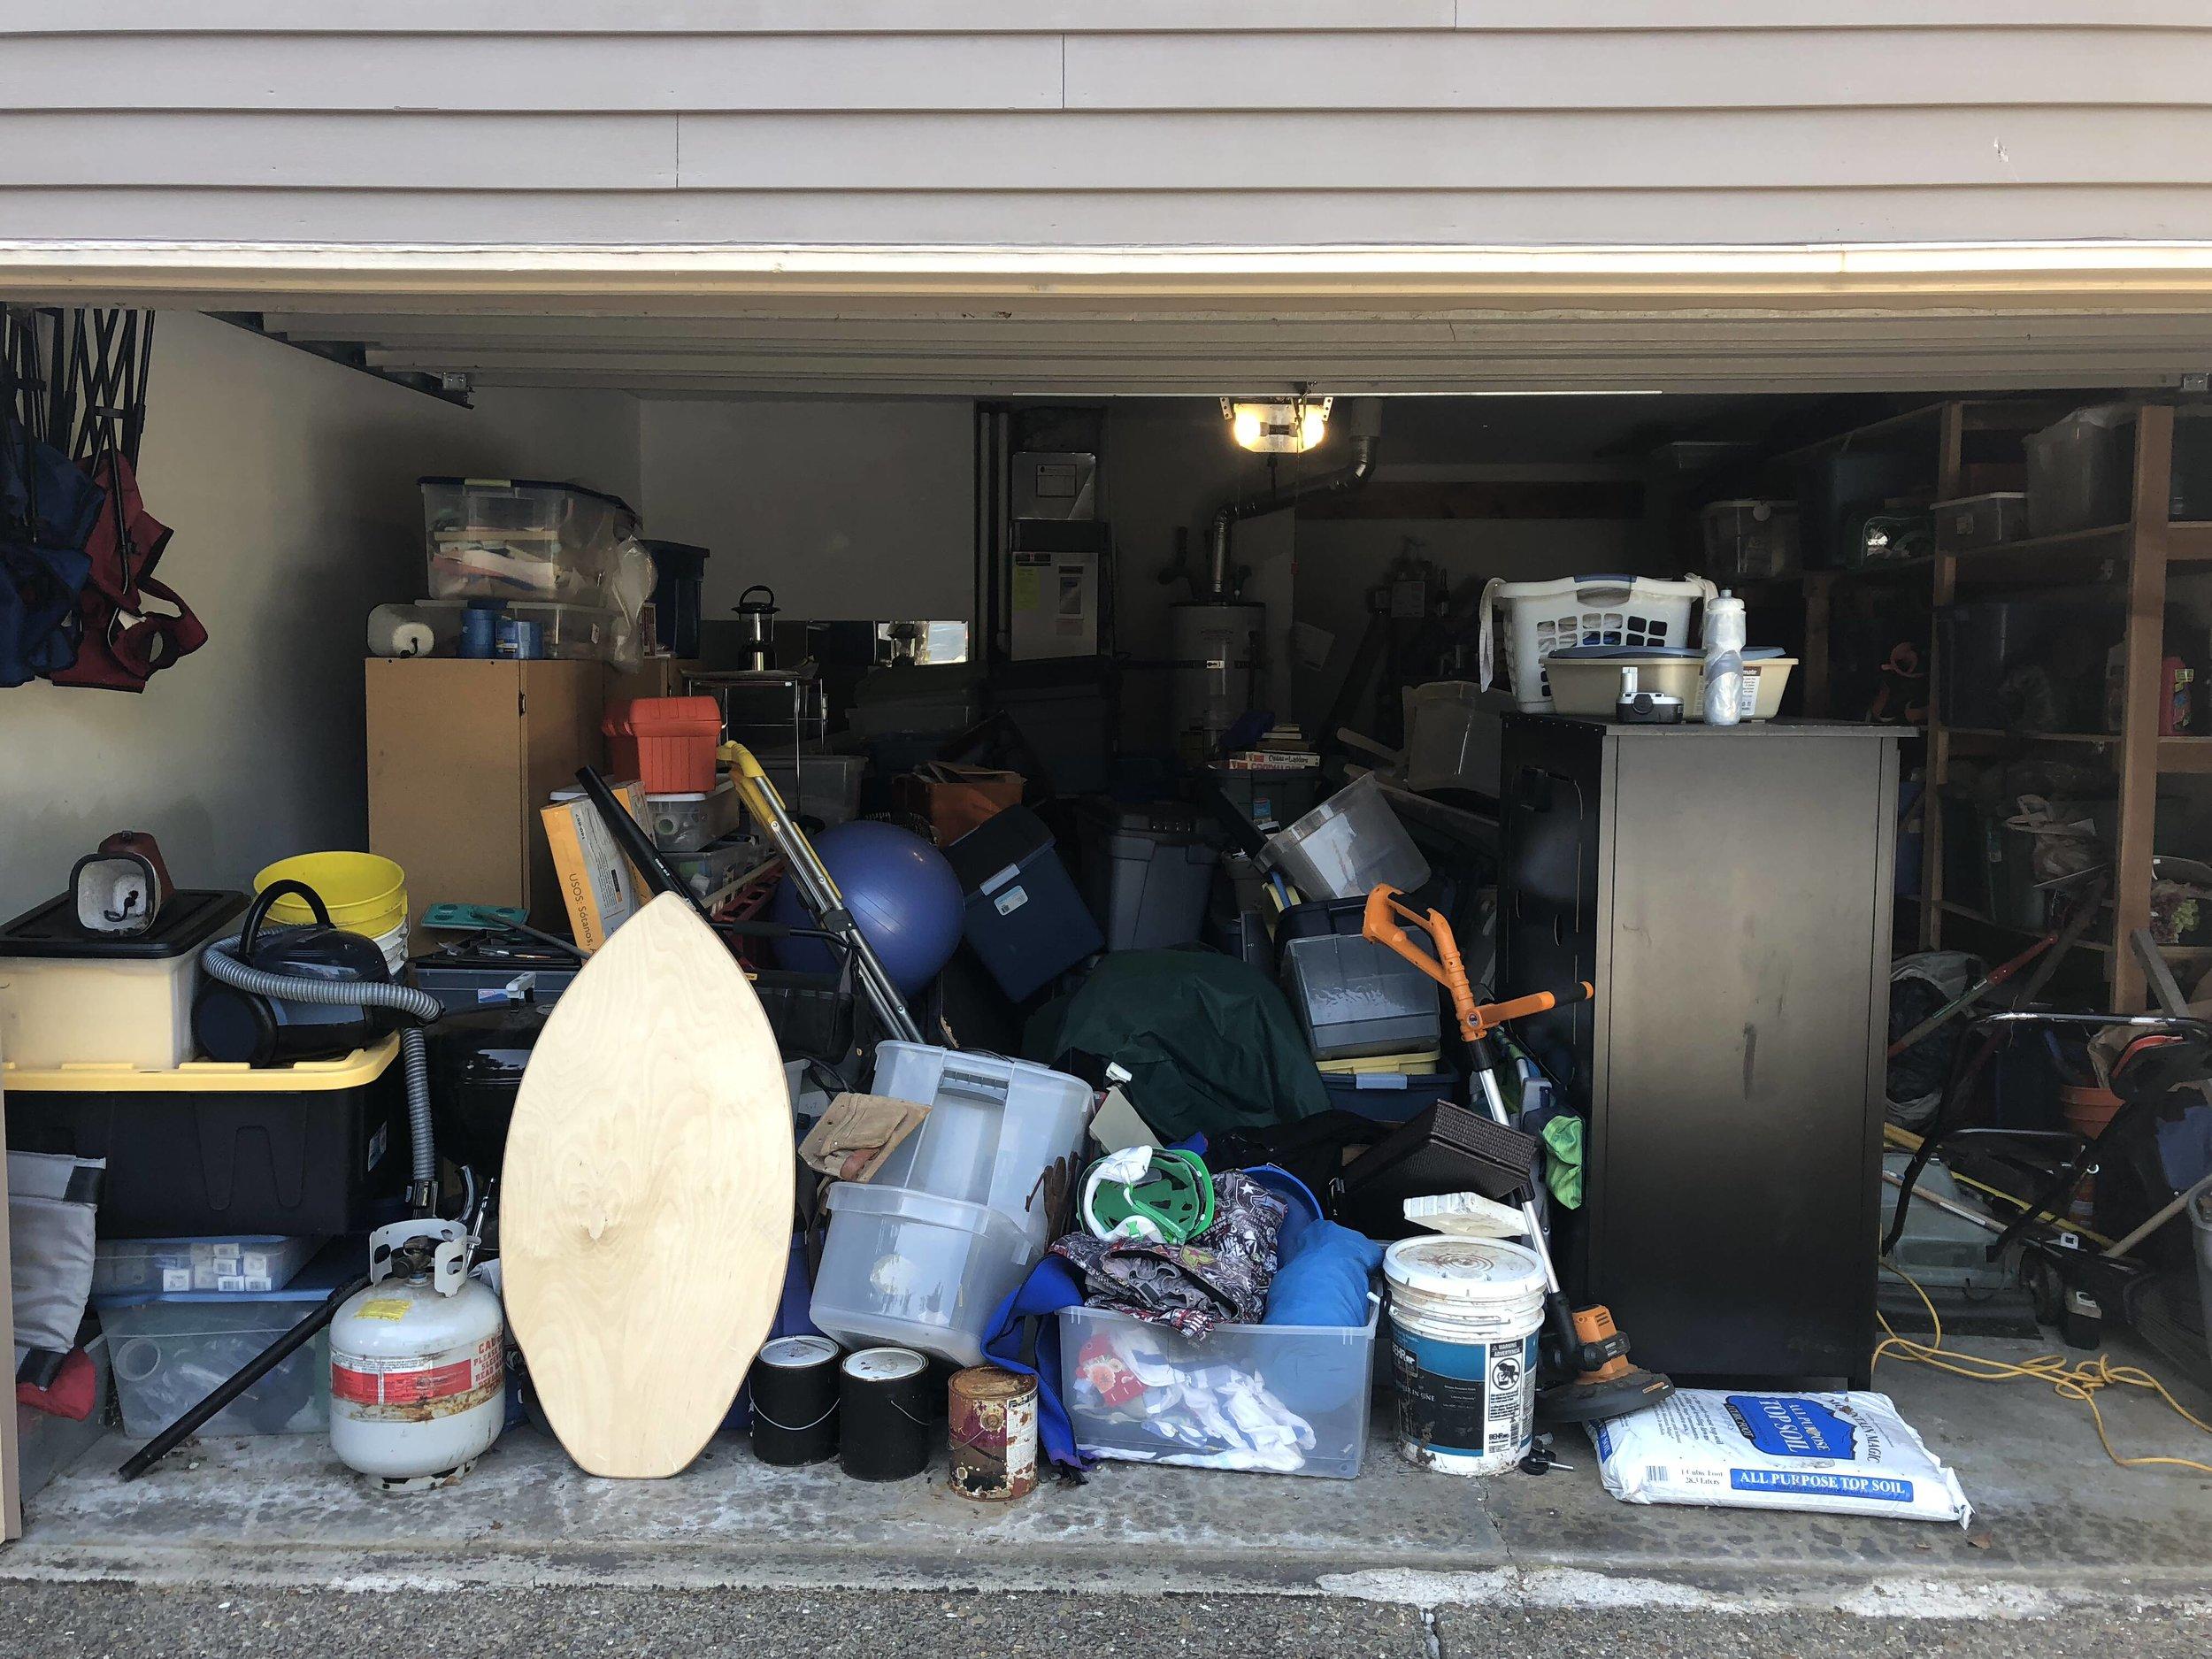 garage-needs-organization.jpg